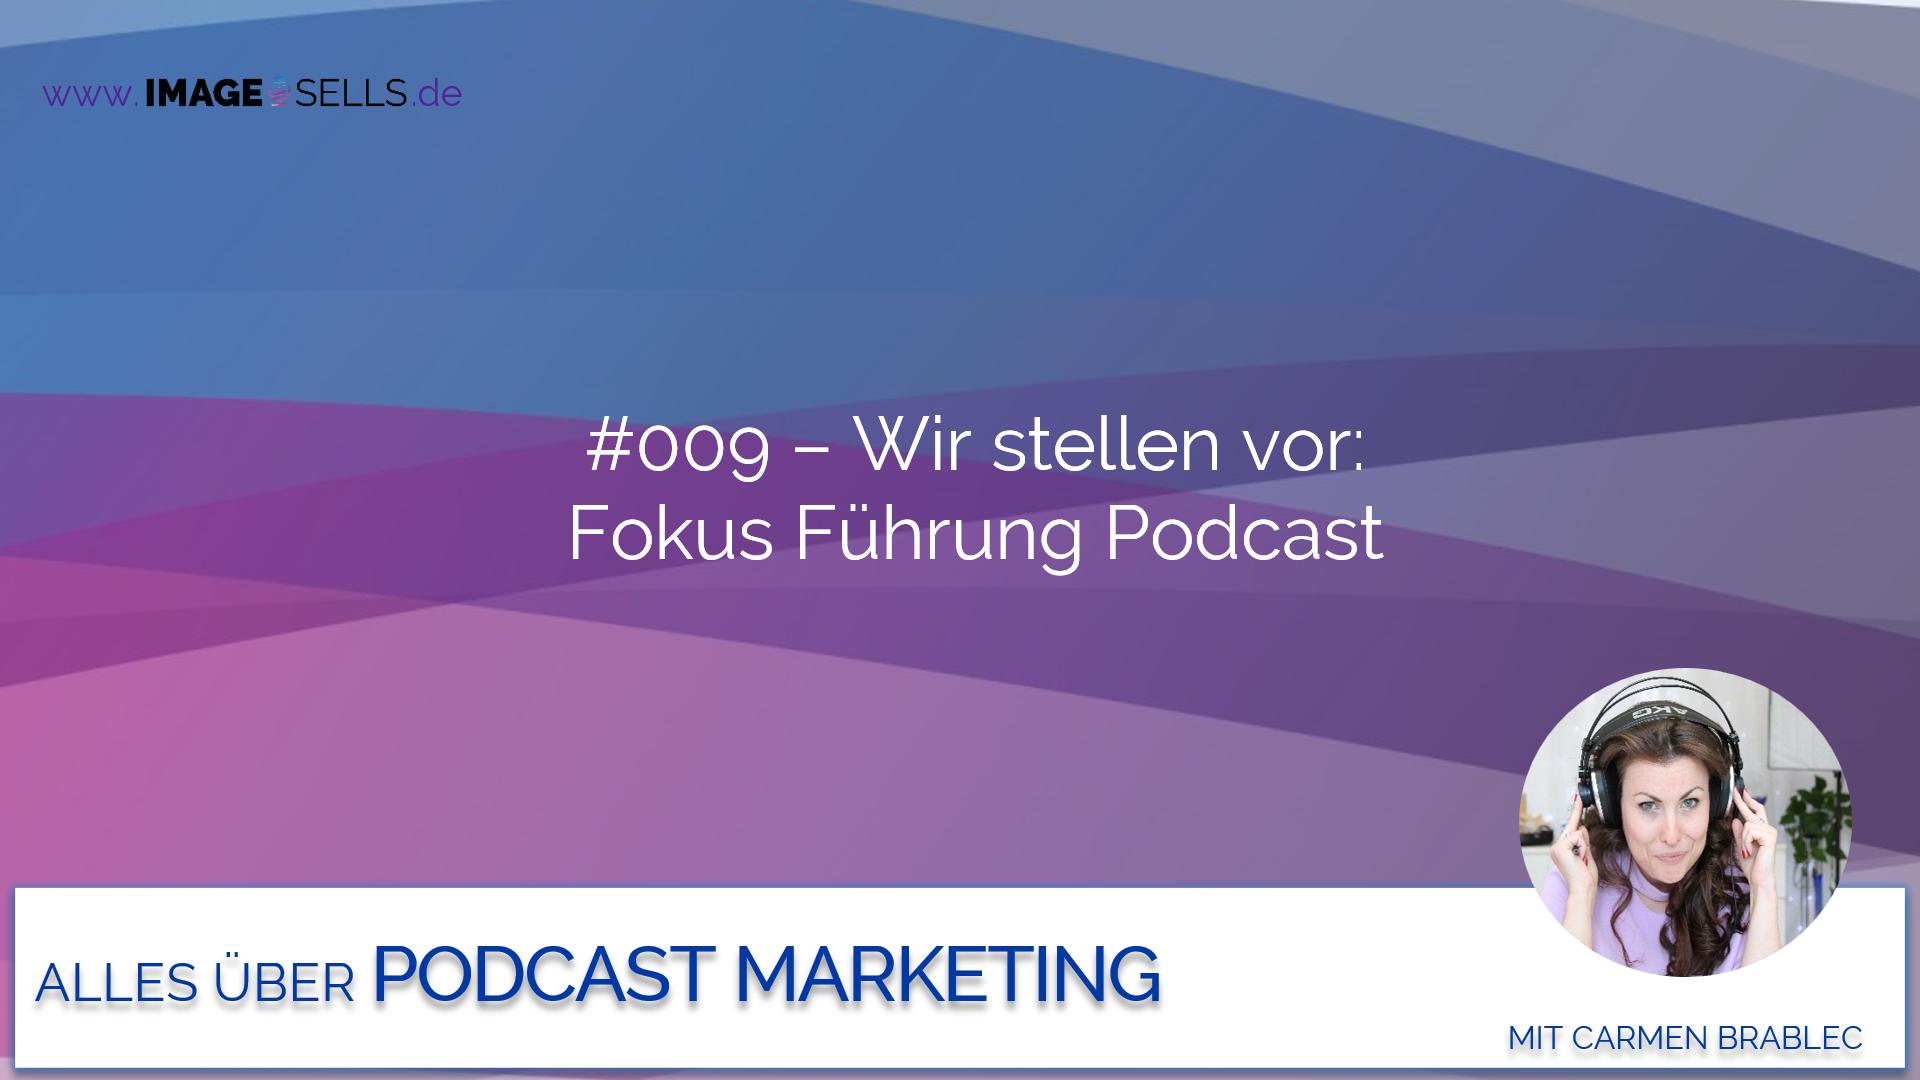 Wir stellen vor: Fokus-Führung Podcast – #009